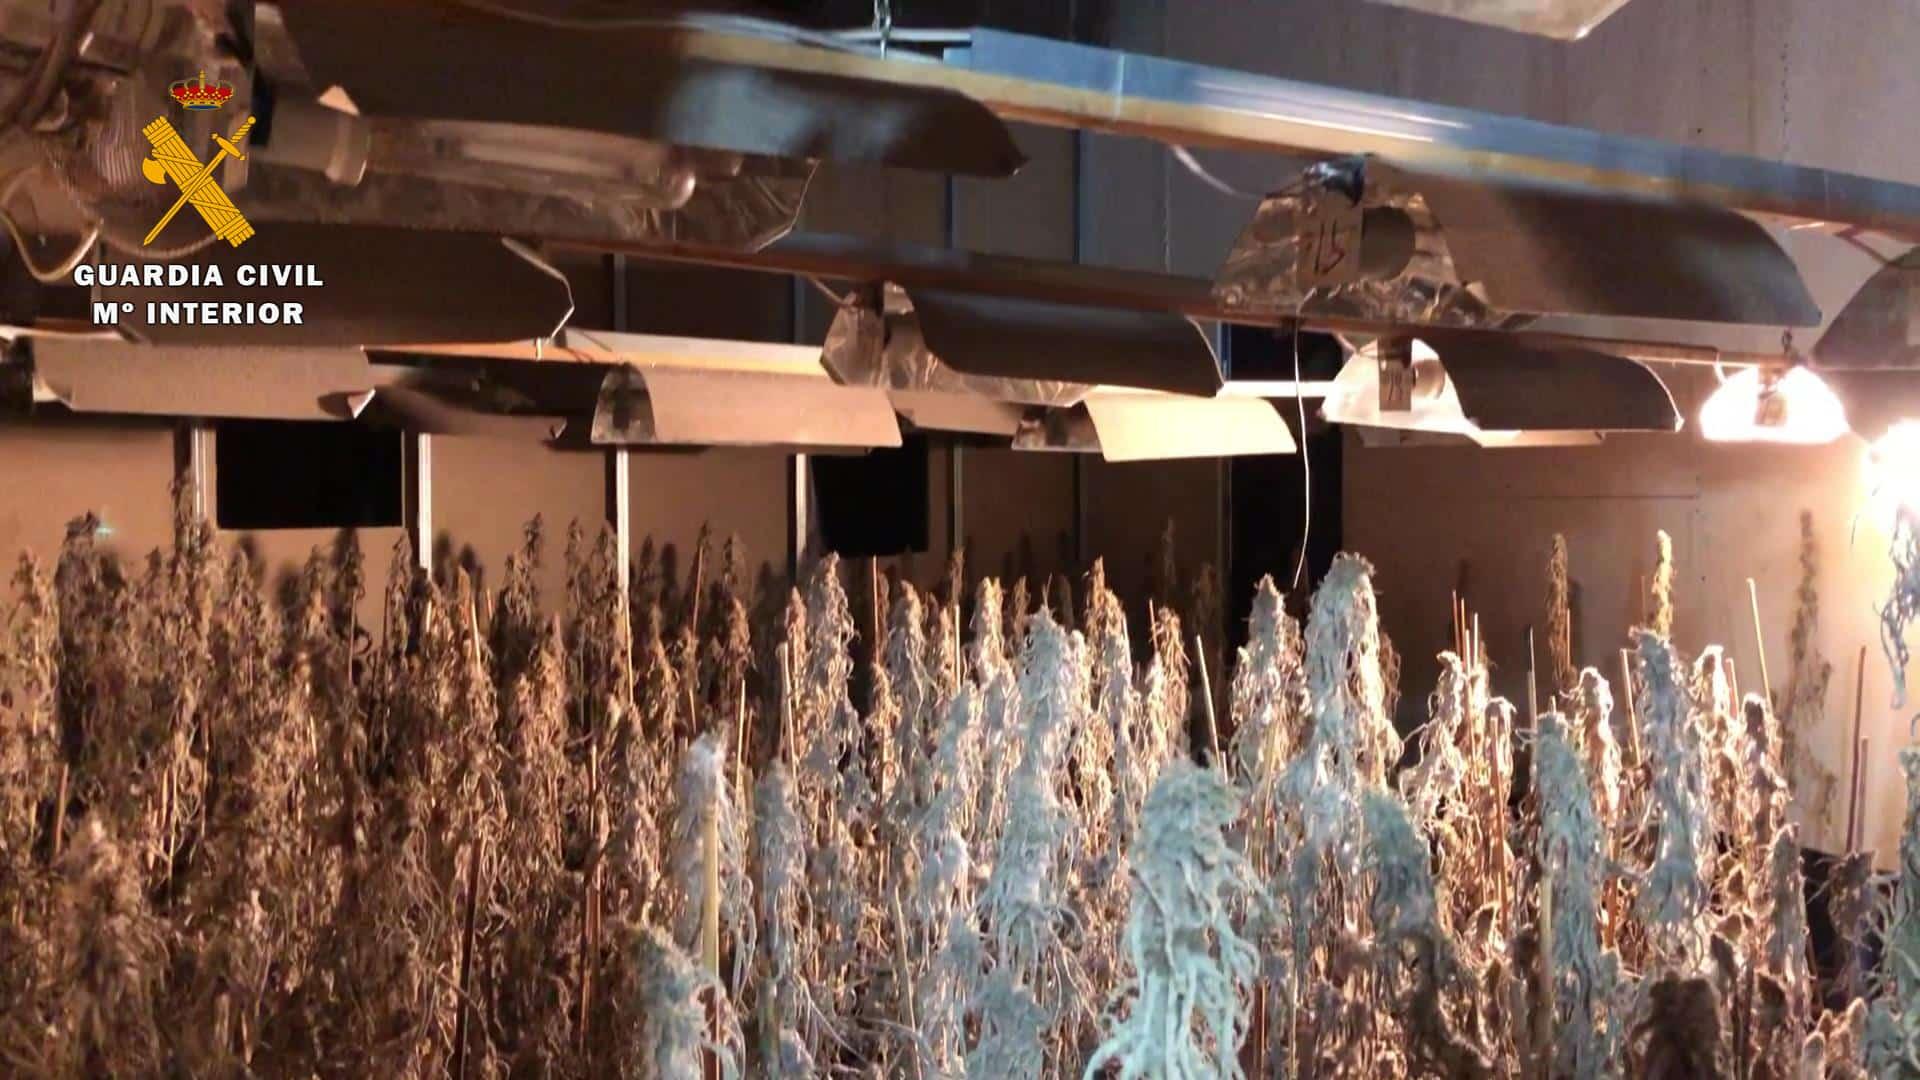 Desmantelan en La Rioja un nuevo laboratorio 'indoor' de marihuana a gran escala 5